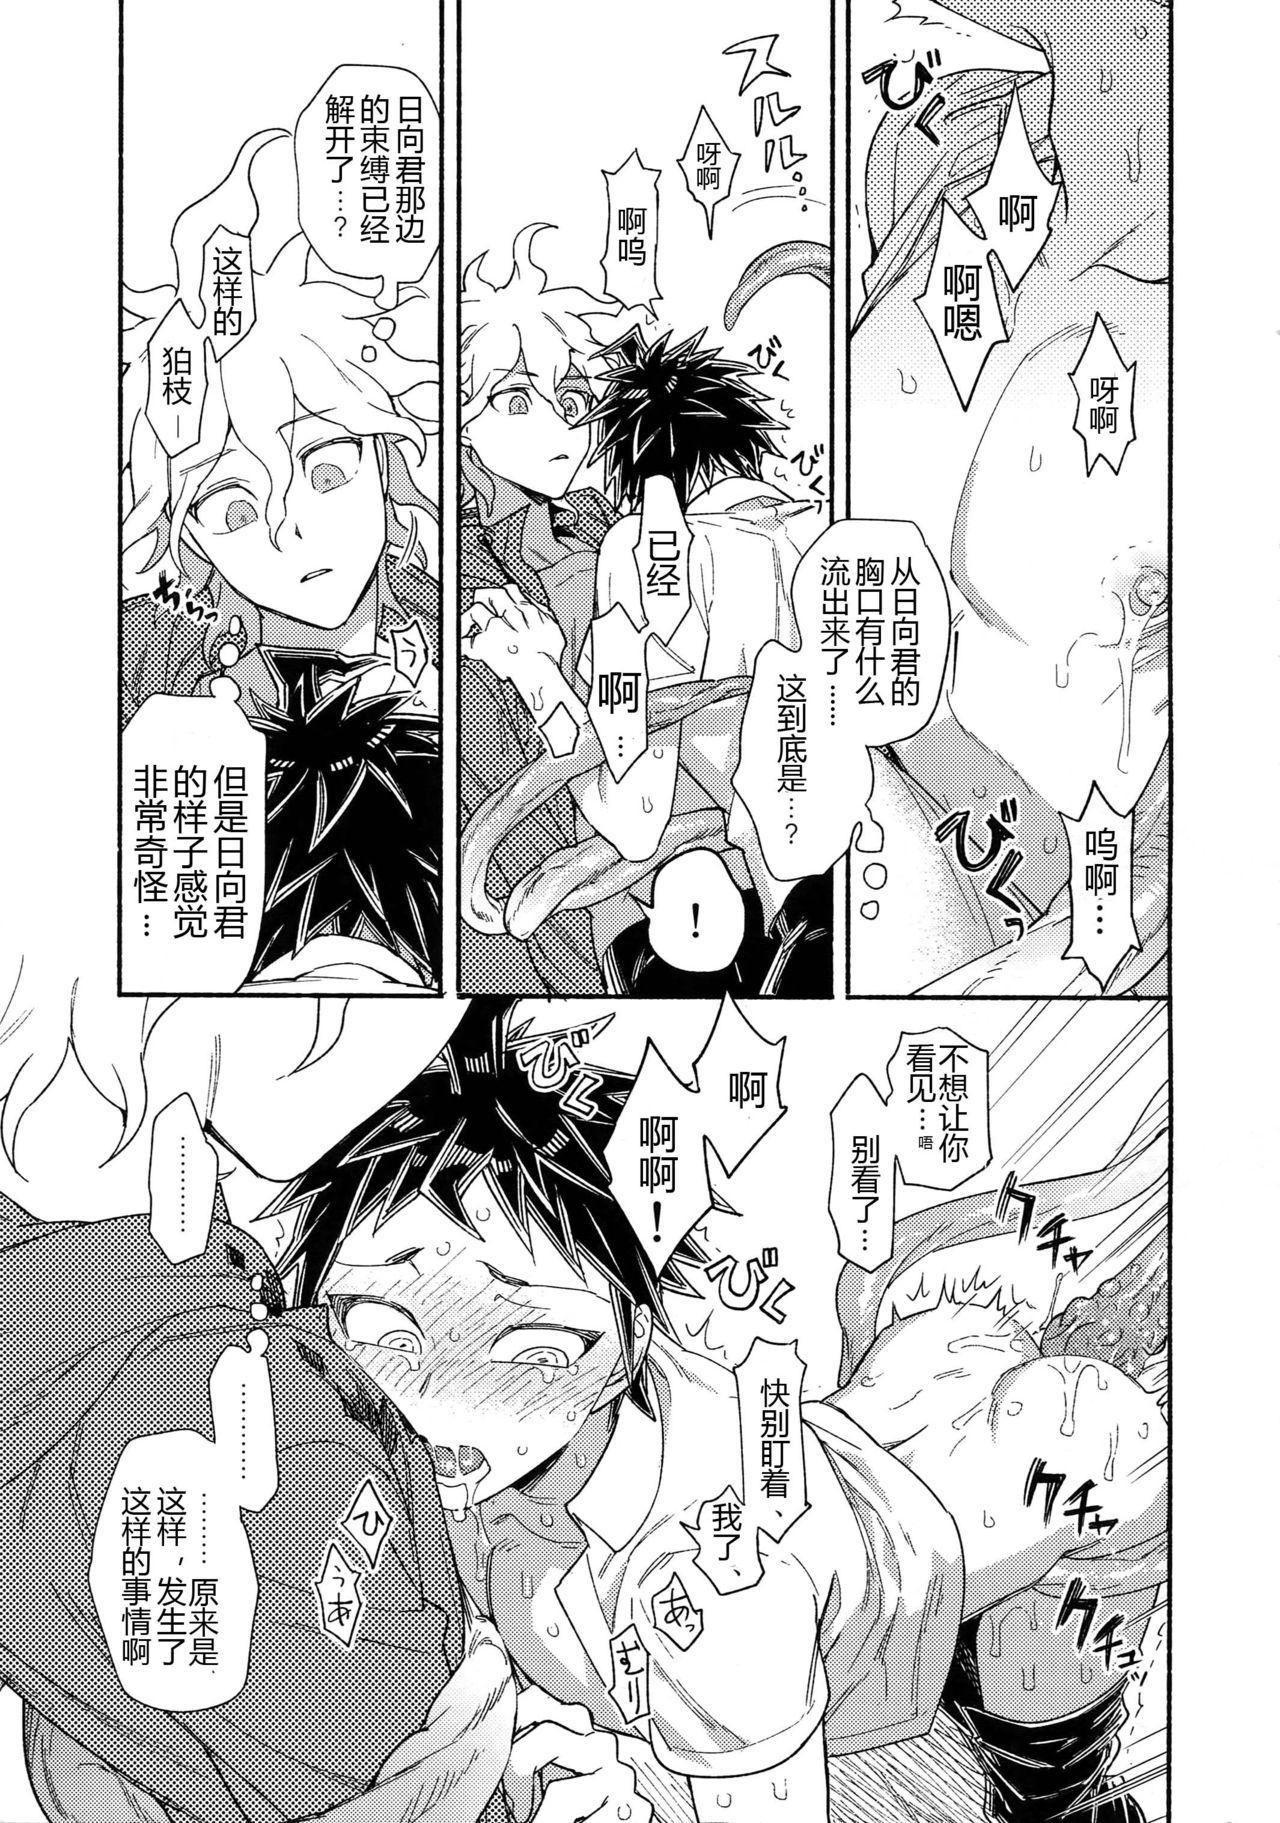 Tsunaide! Shokushu-kun! 连接吧!触手君! 29